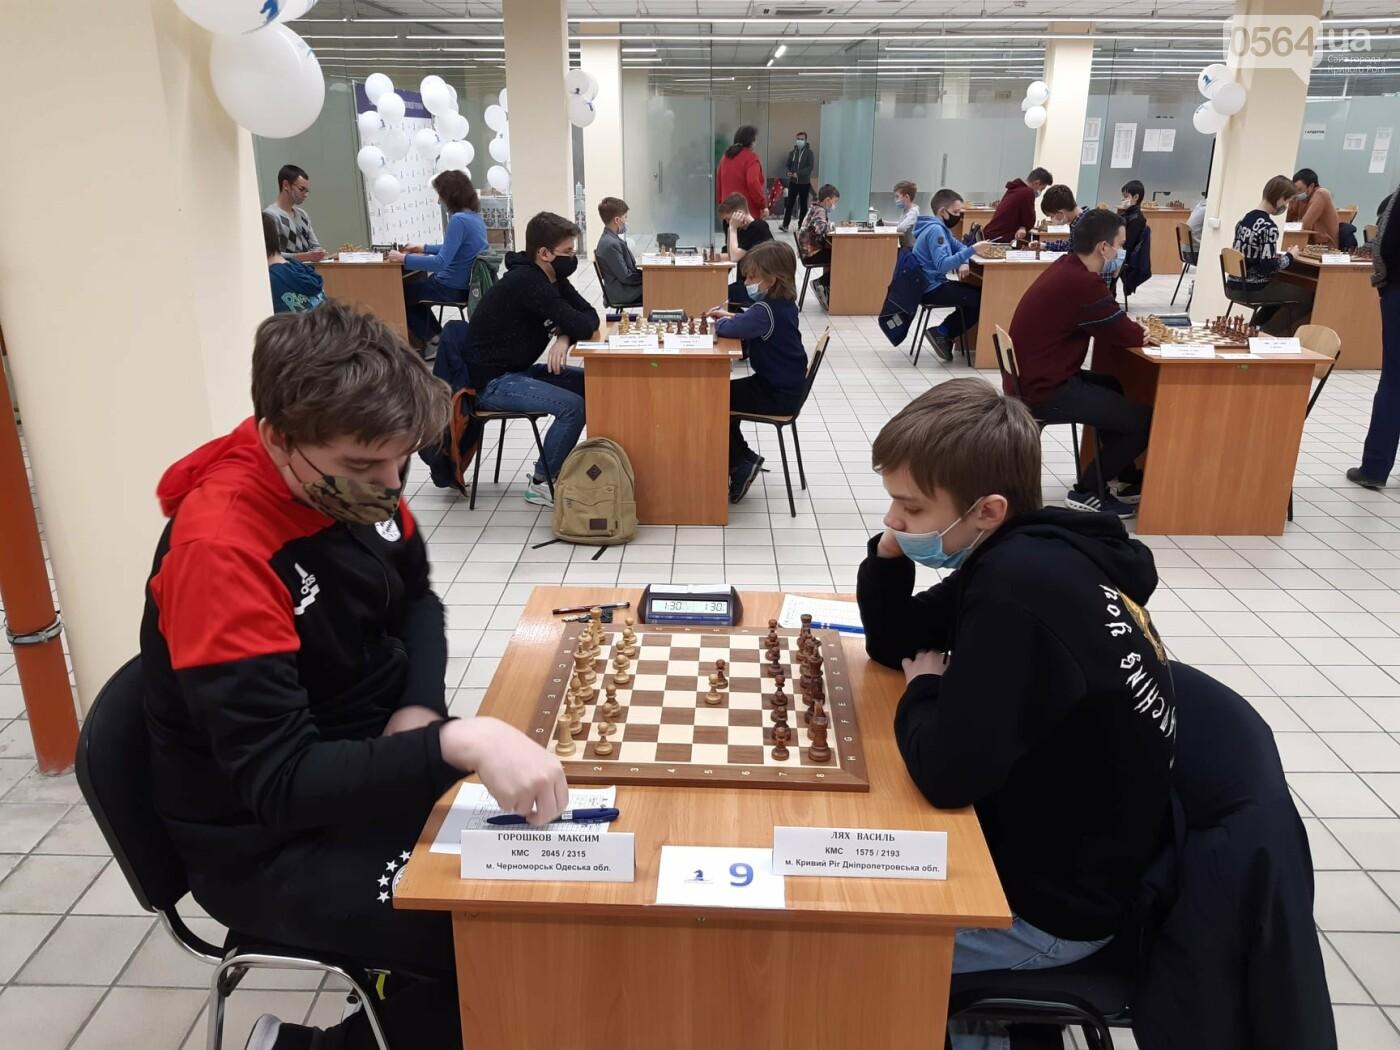 Юные шахматисты из Кривого Рога заняли 7 и 8 место на Чемпионате Украины, - ФОТО, фото-6